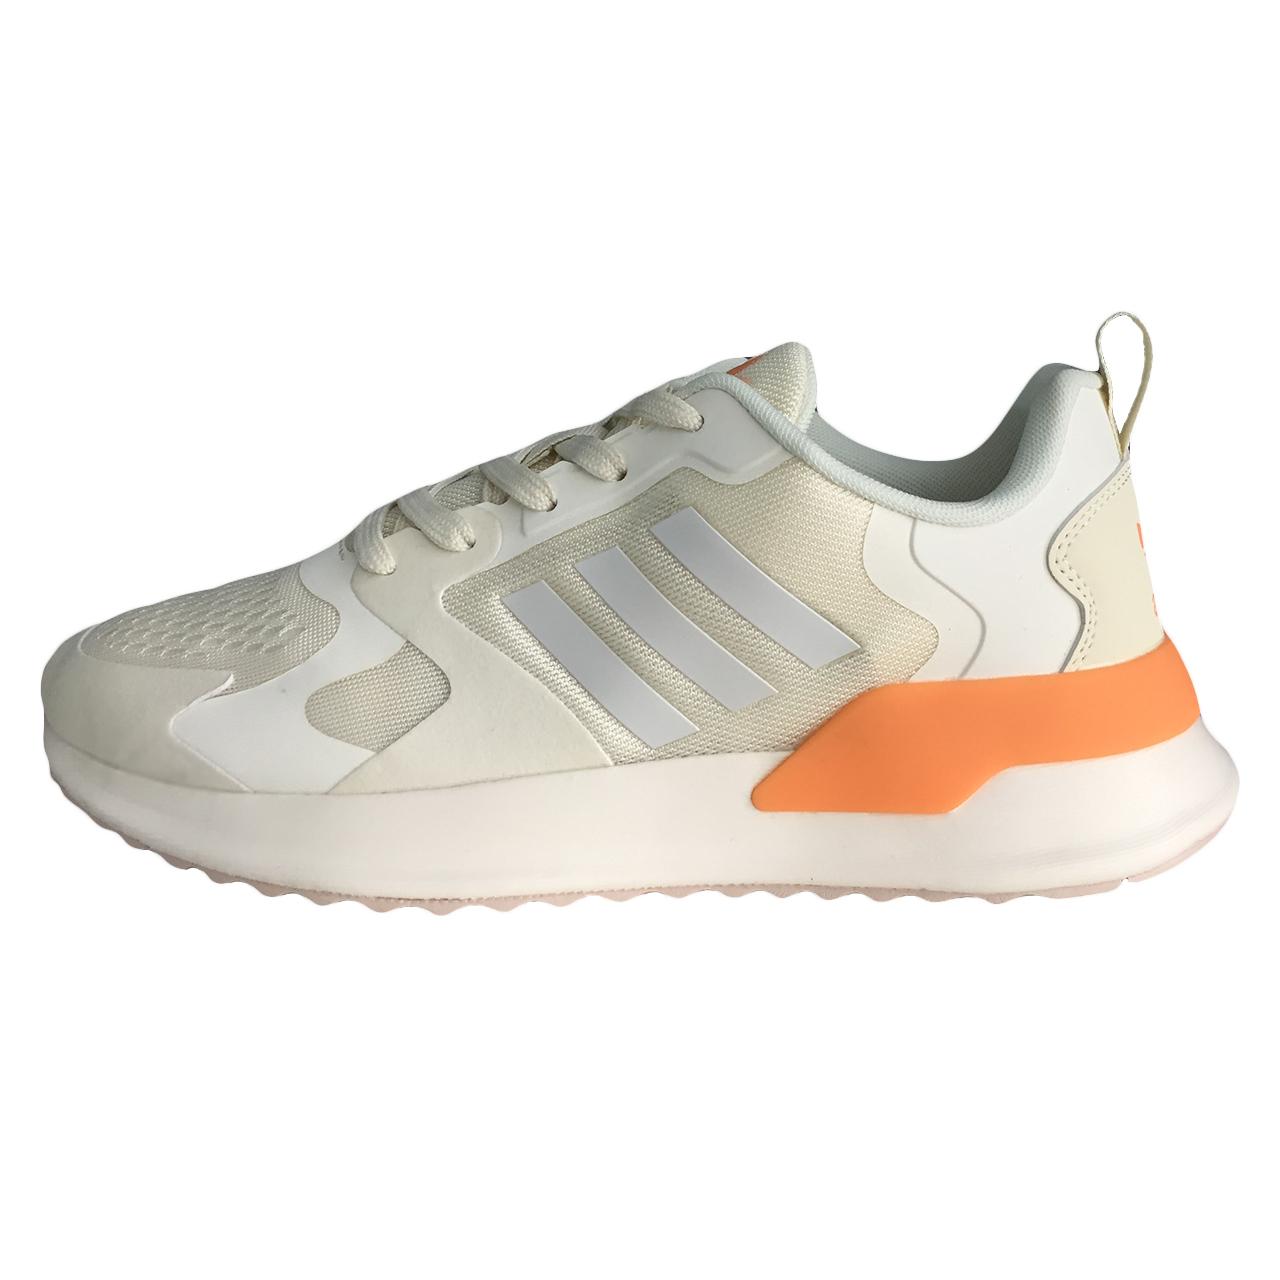 قیمت خرید کفش مخصوص پیاده روی مردانه آدیداس مدل XPLR اورجینال